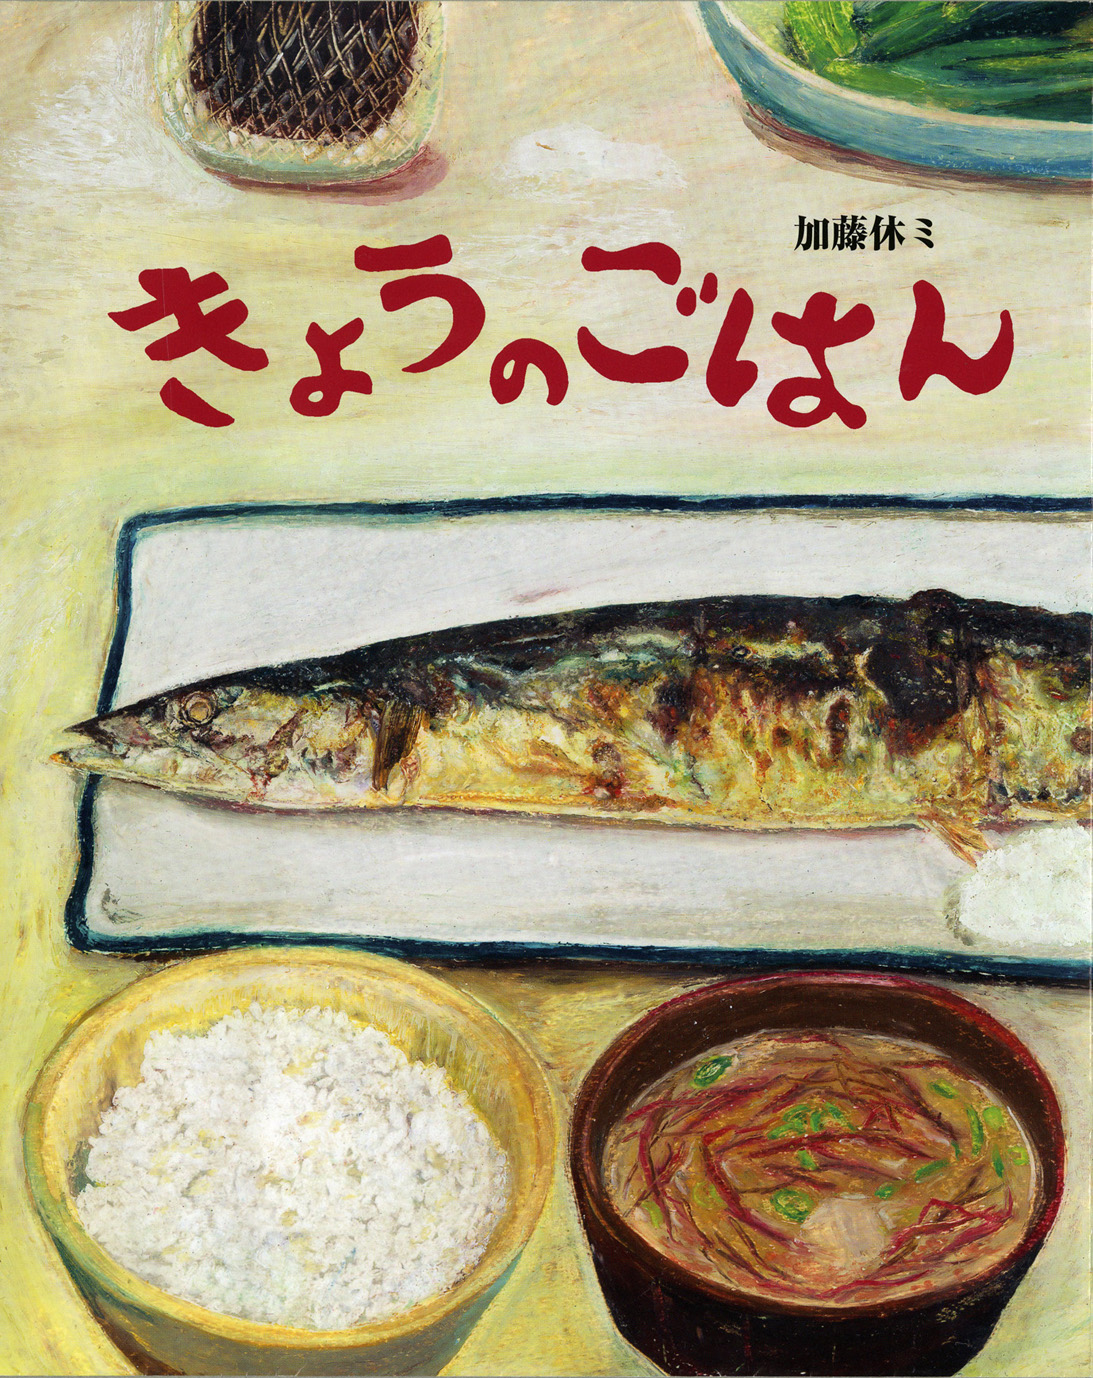 3/9 加藤休ミさん×はらぺこめがねさんトークイベント&「おいしい絵本たち」展